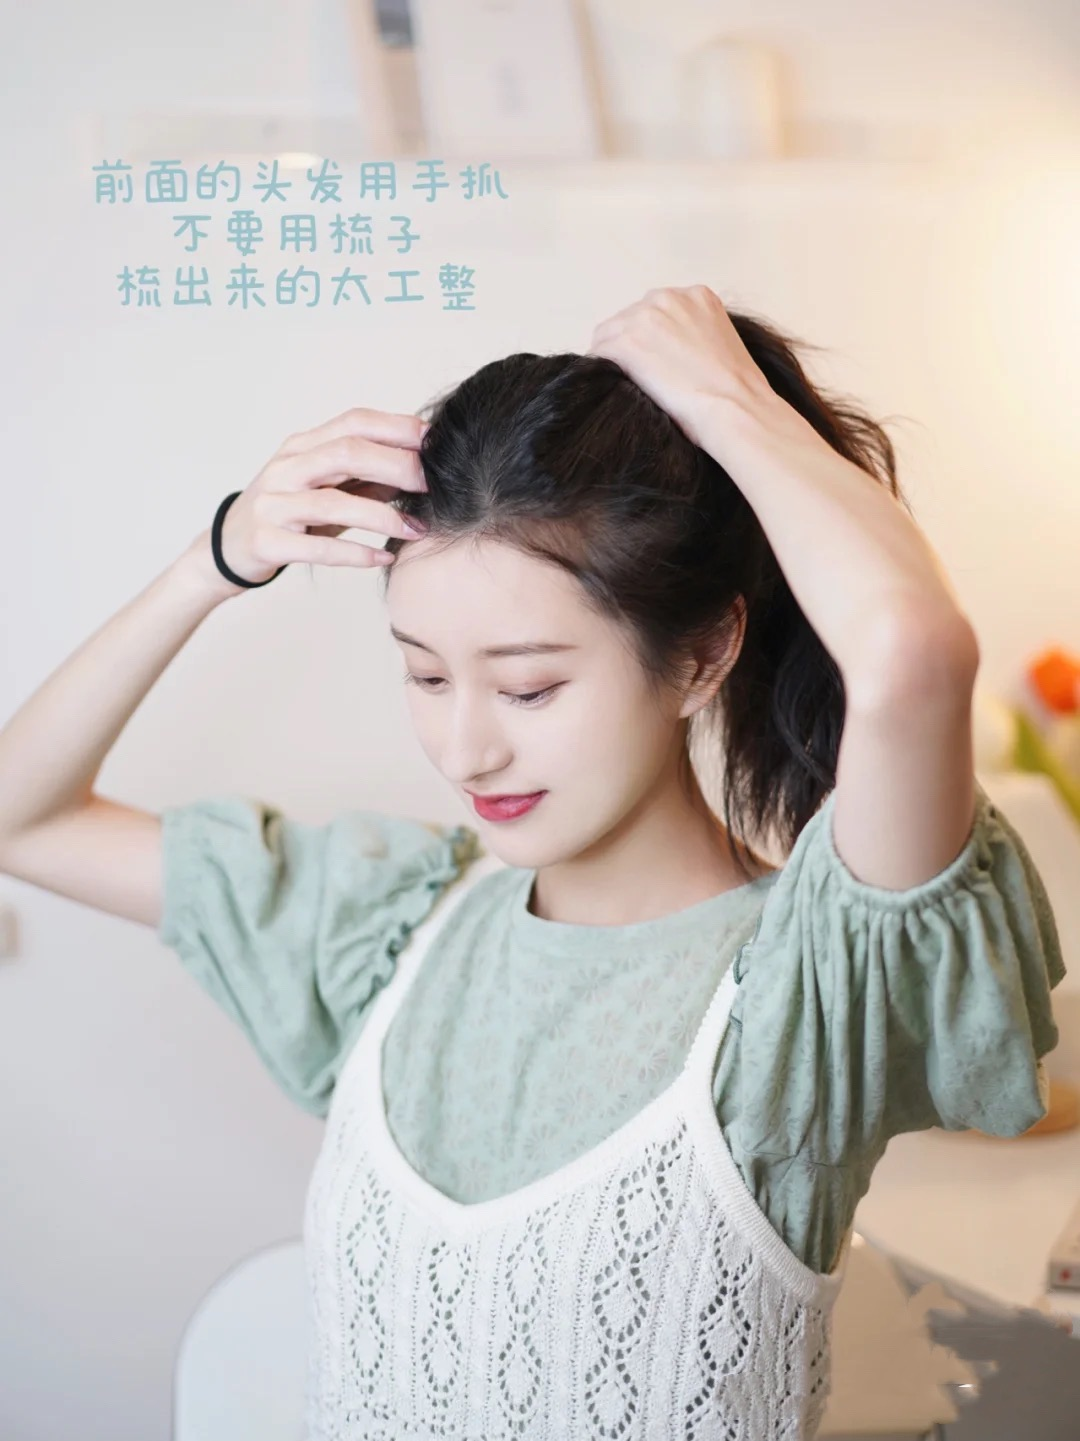 怎样盘头发既简单又好看蓬松,学着这样做,优雅大方女人味十足 盘头发 第2张